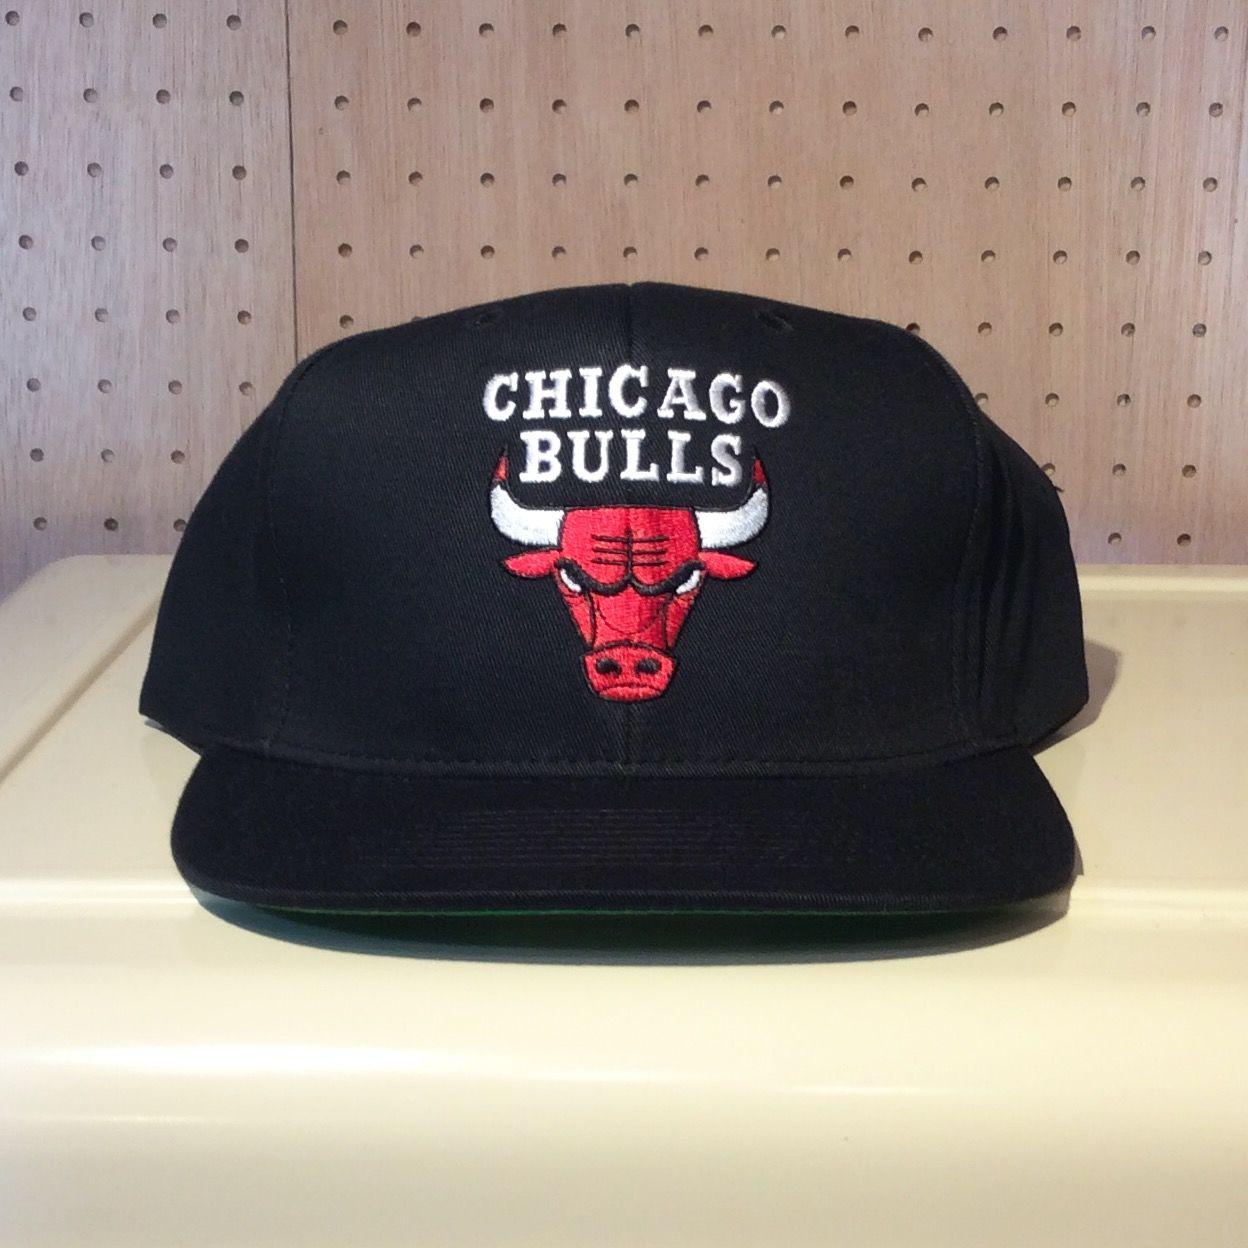 CHICAGO BUlLS/シカゴブルズ adidas社製 キャップ (NEW)